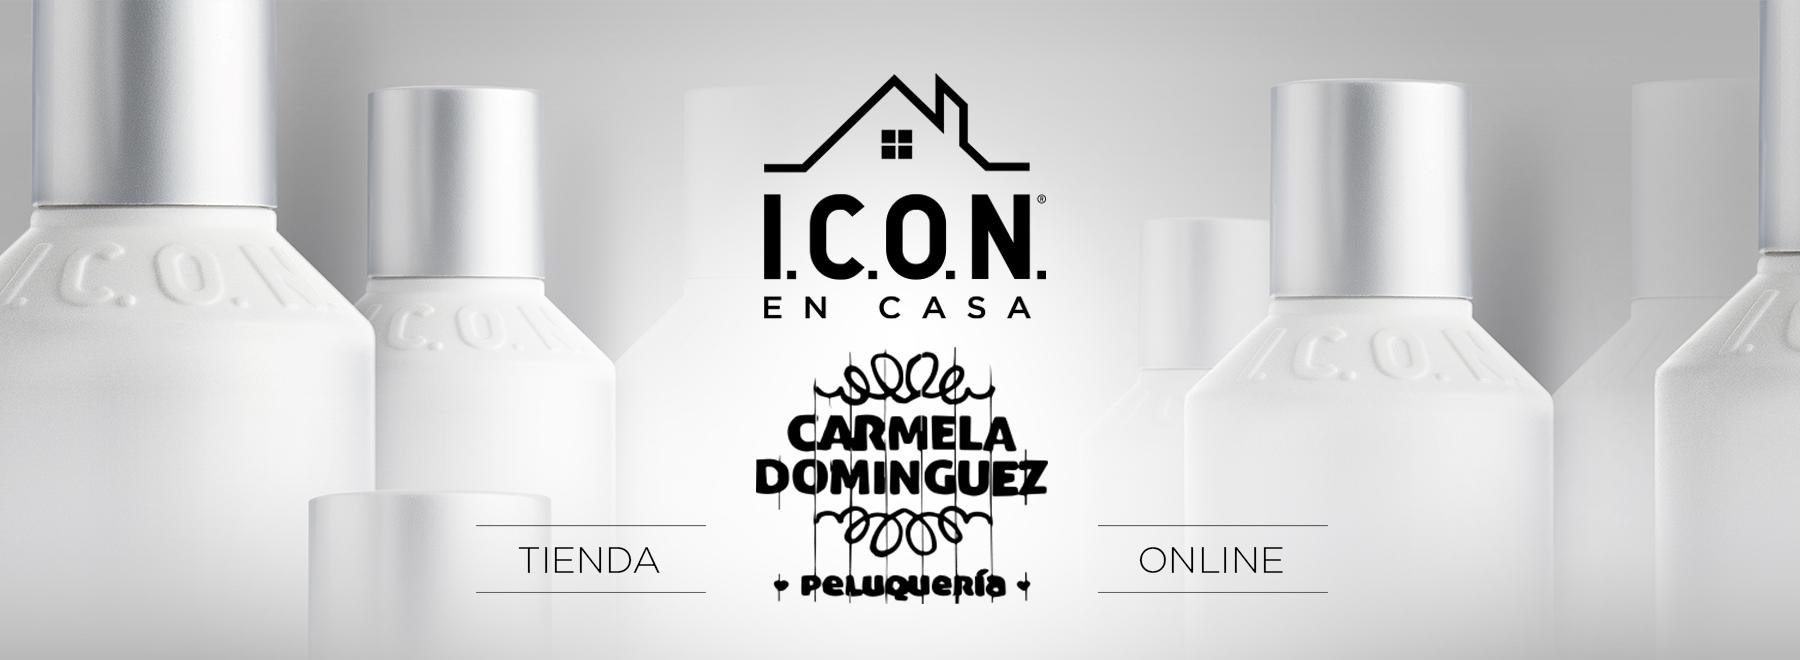 ICON en Casa - Tienda Online